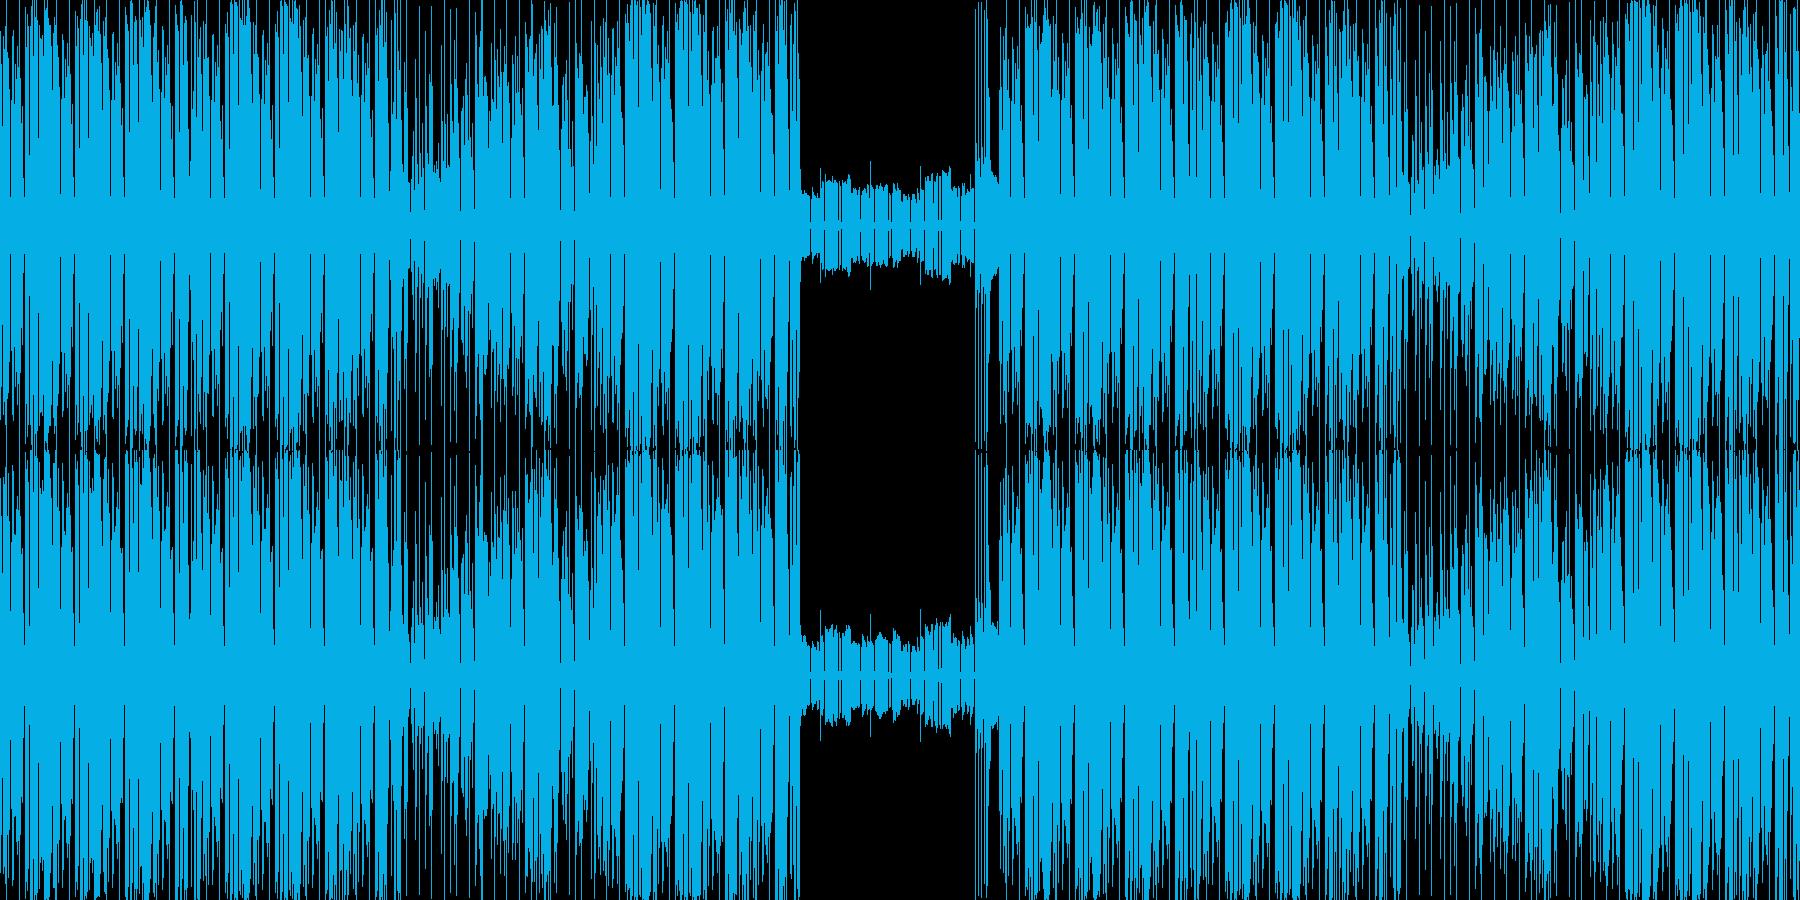 【日常系BGMエレクトロニカ・ファンク】の再生済みの波形